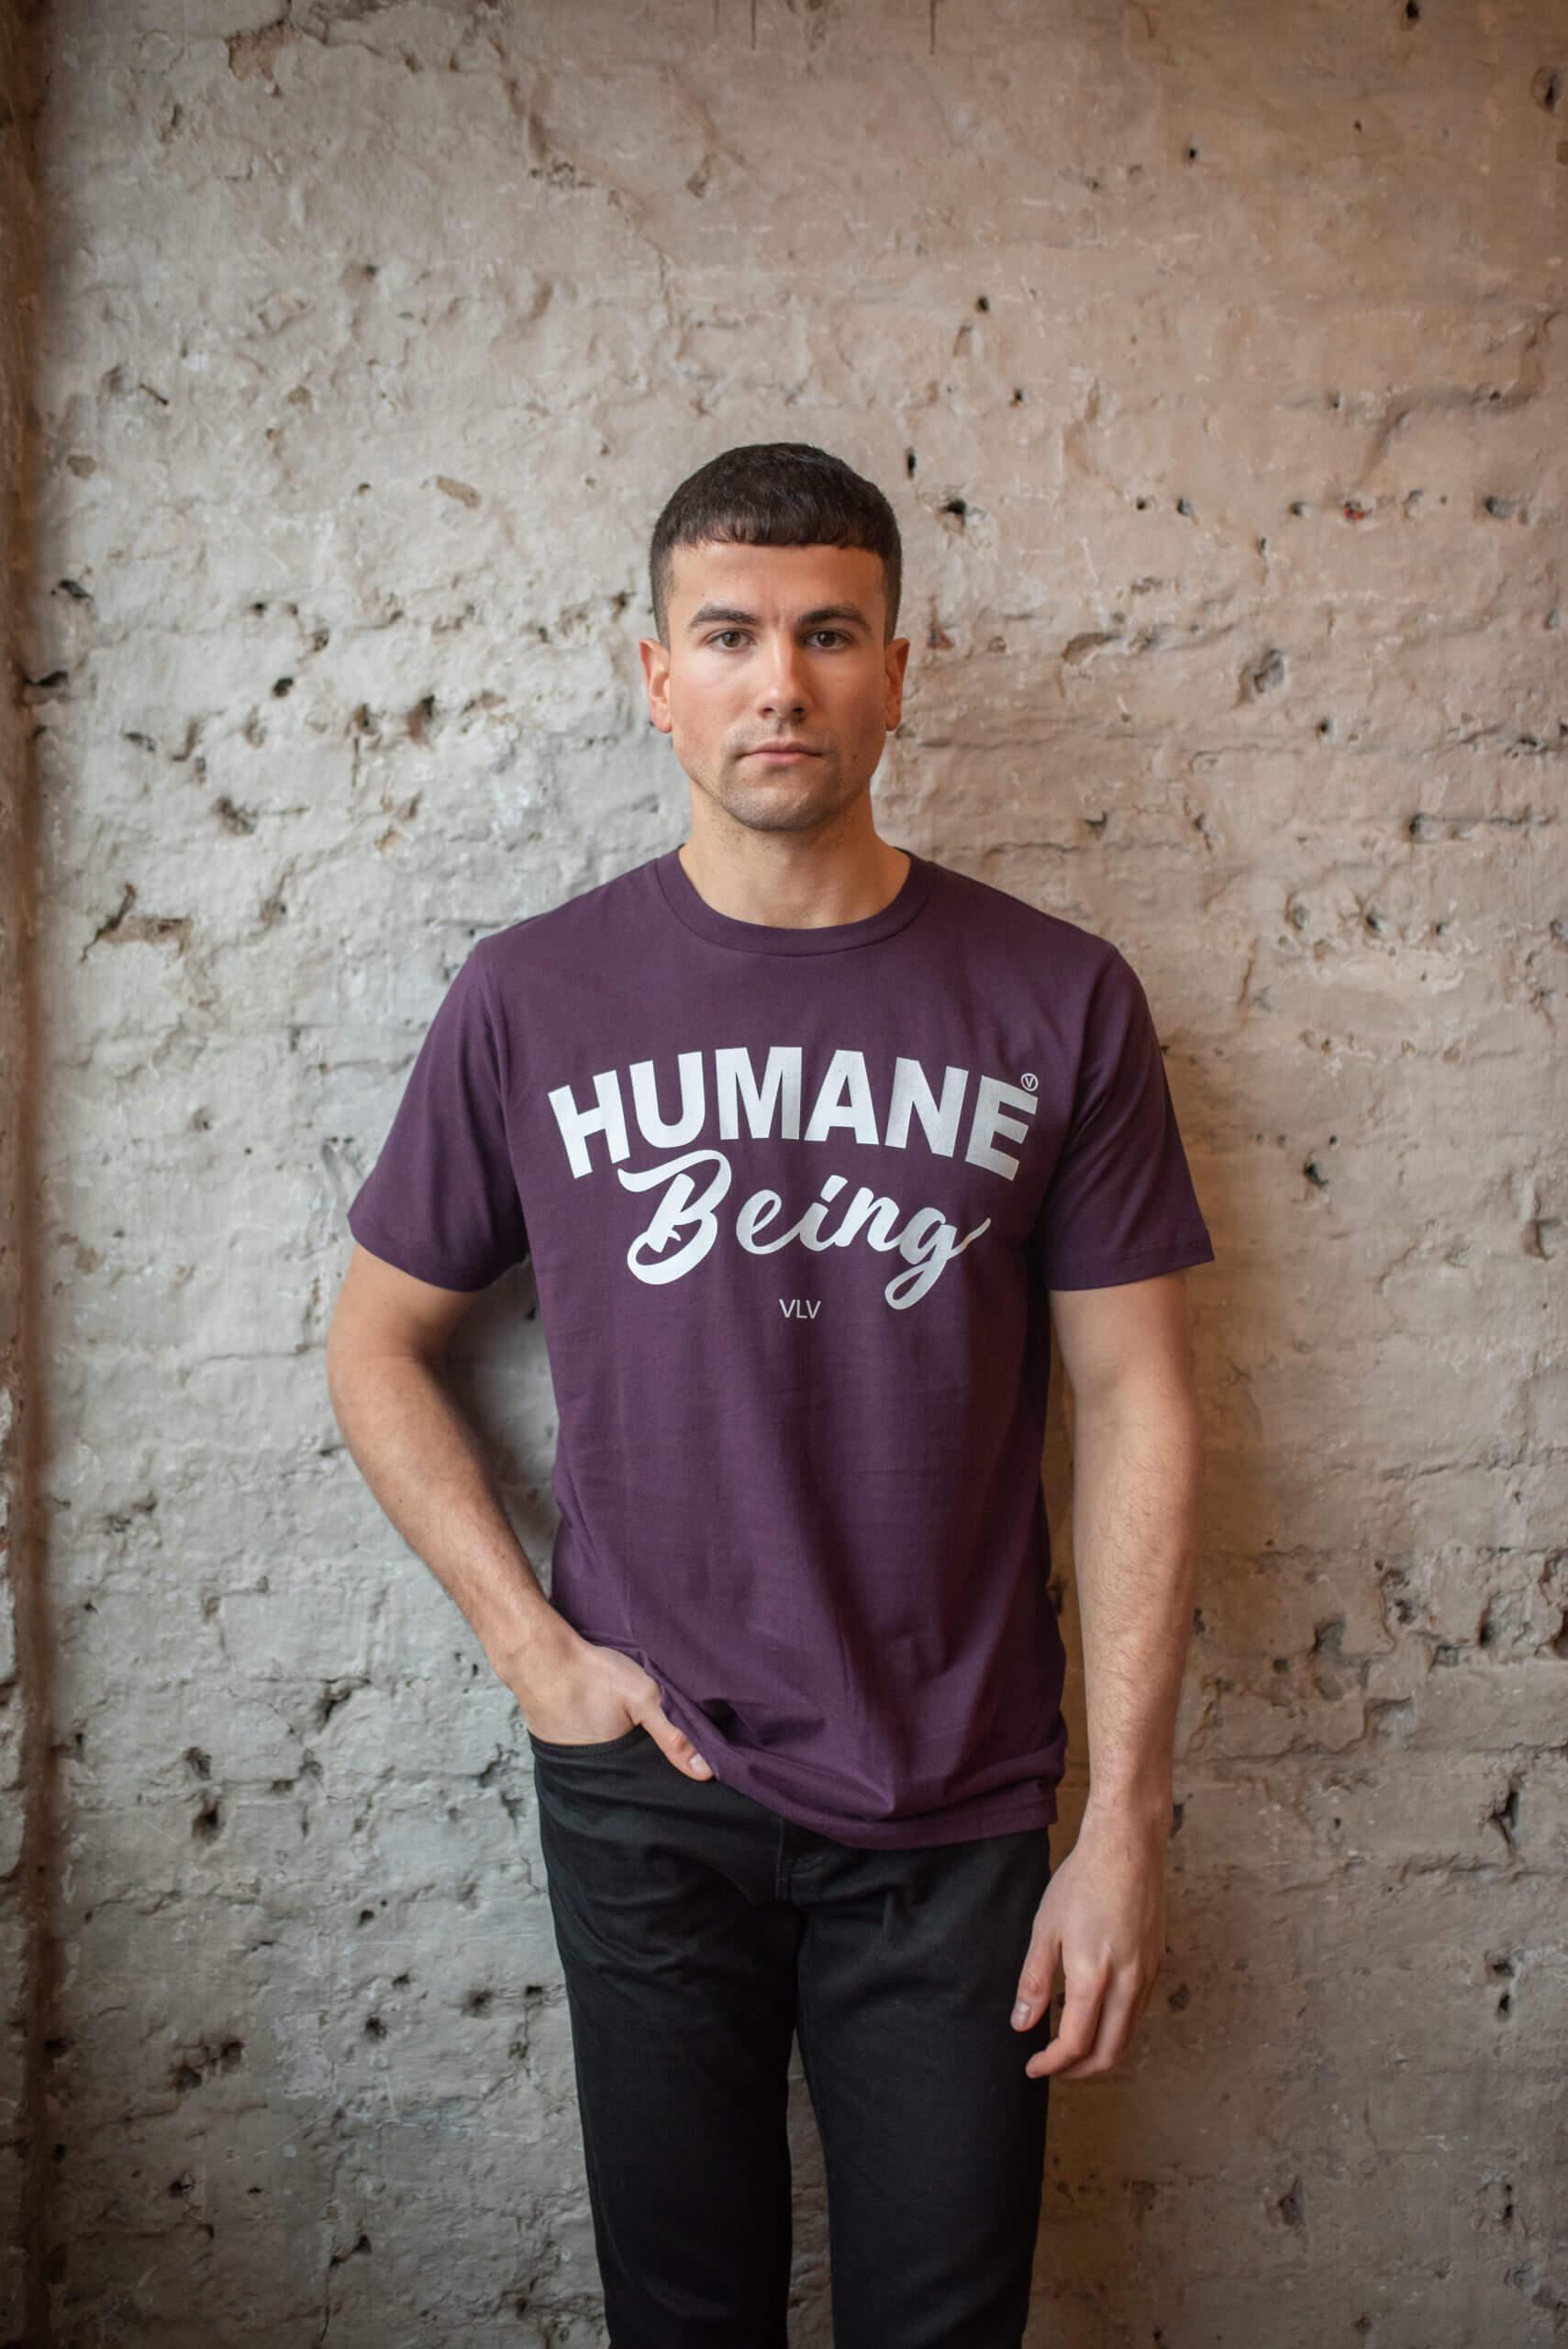 humane being t shirt